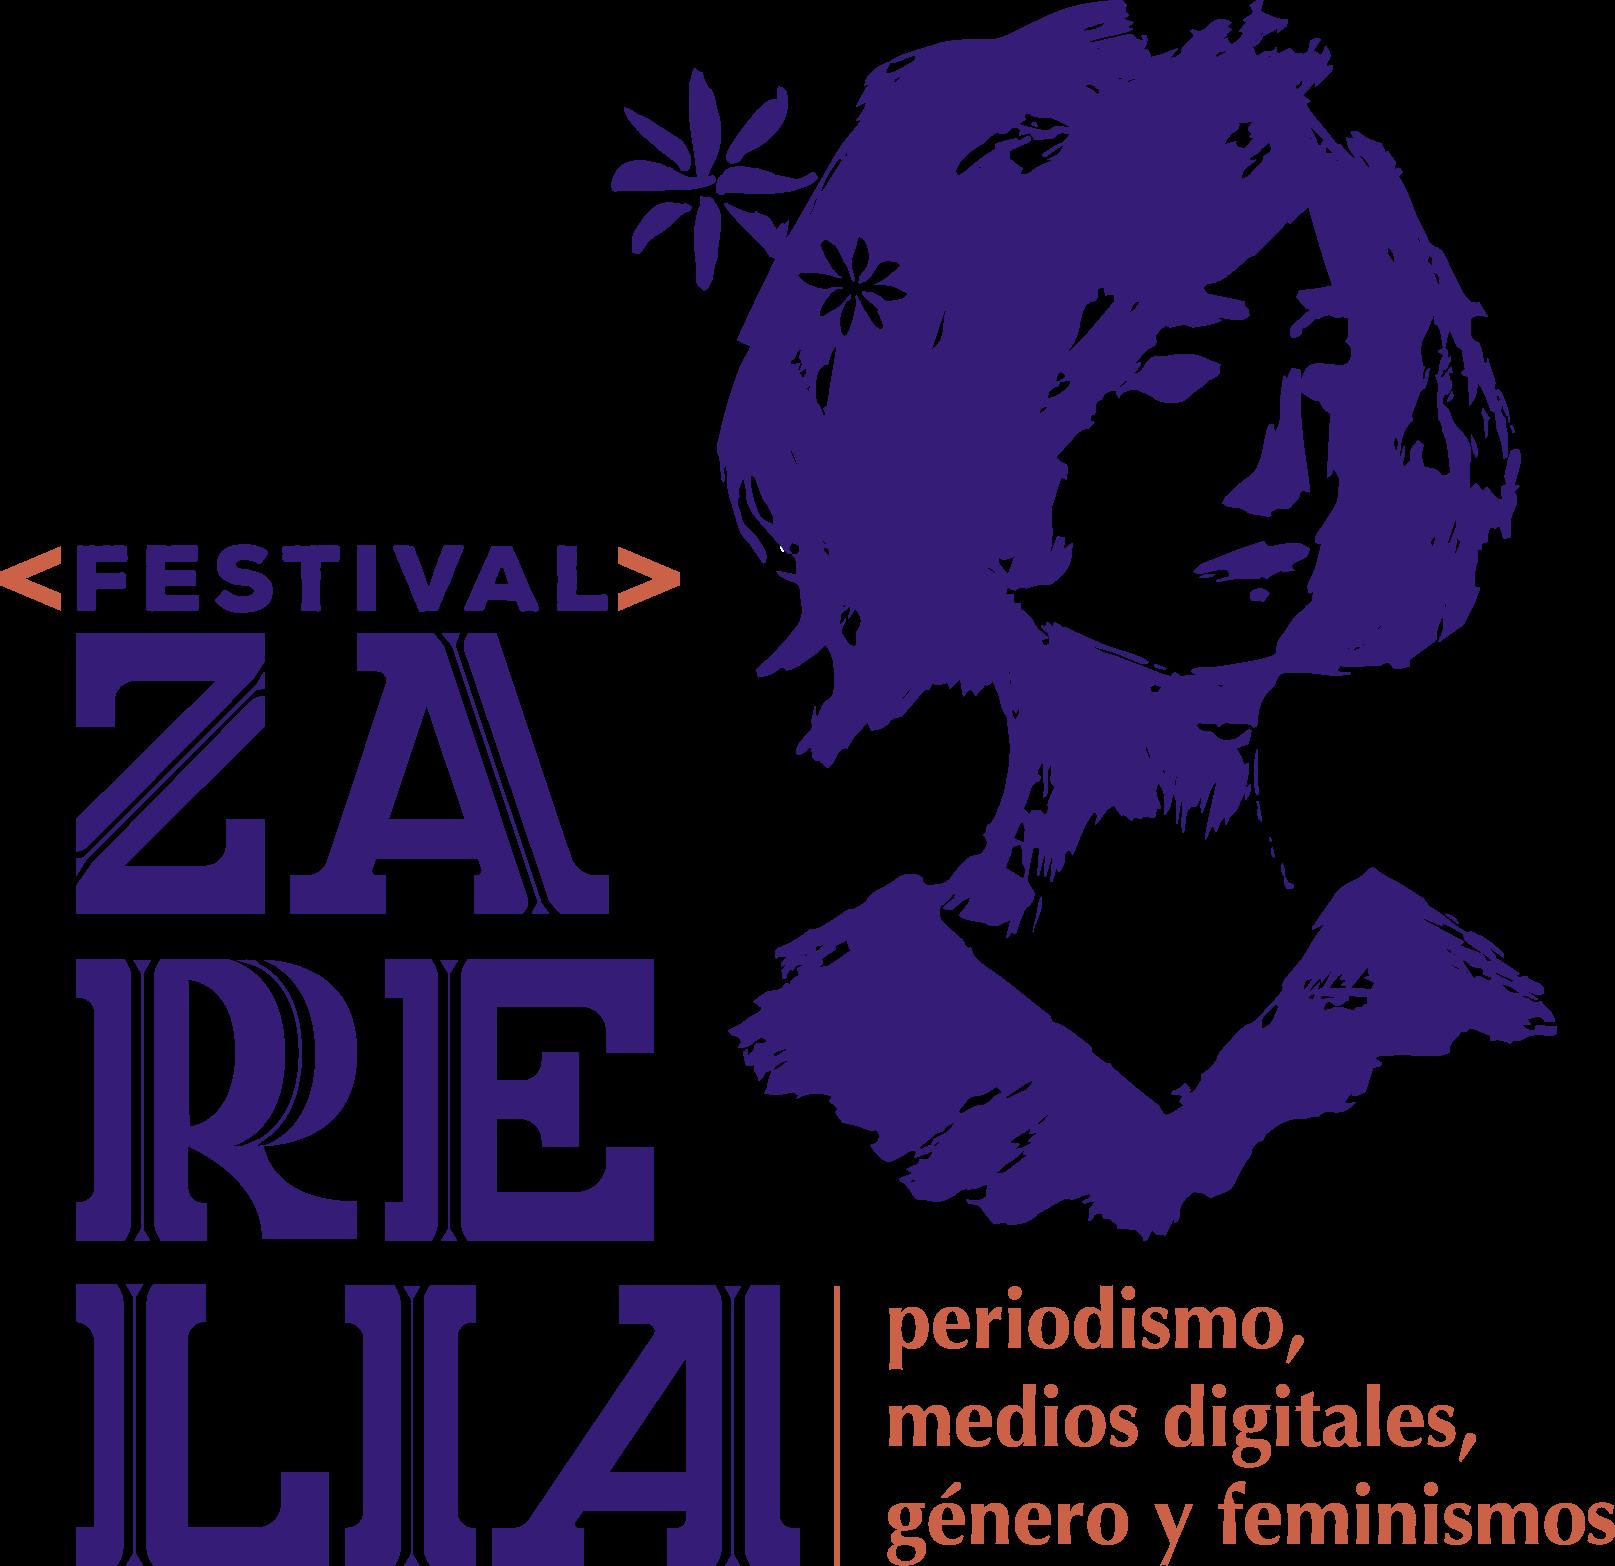 Festival Zarelia